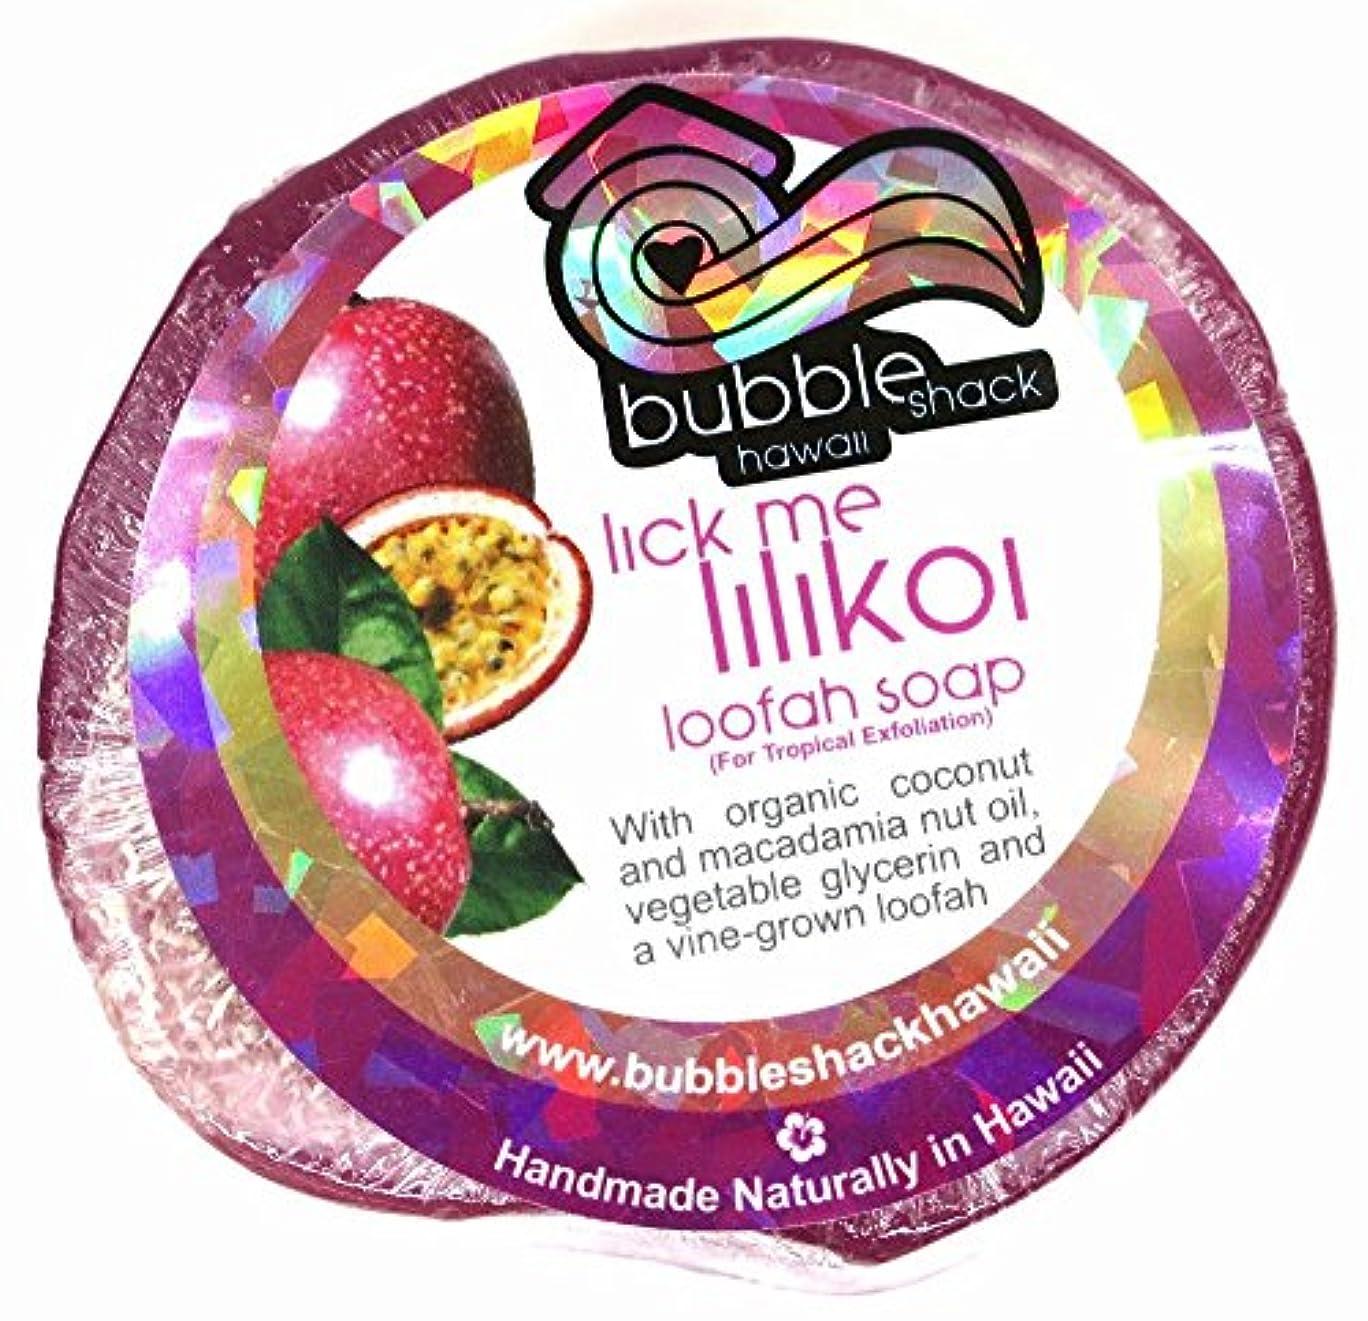 に賛成起きている若者ハワイアン雑貨/ハワイ 雑貨【バブルシャック】Bubble Shack Hawaii ルーファーソープ(リックミーリリコイ) 【お土産】